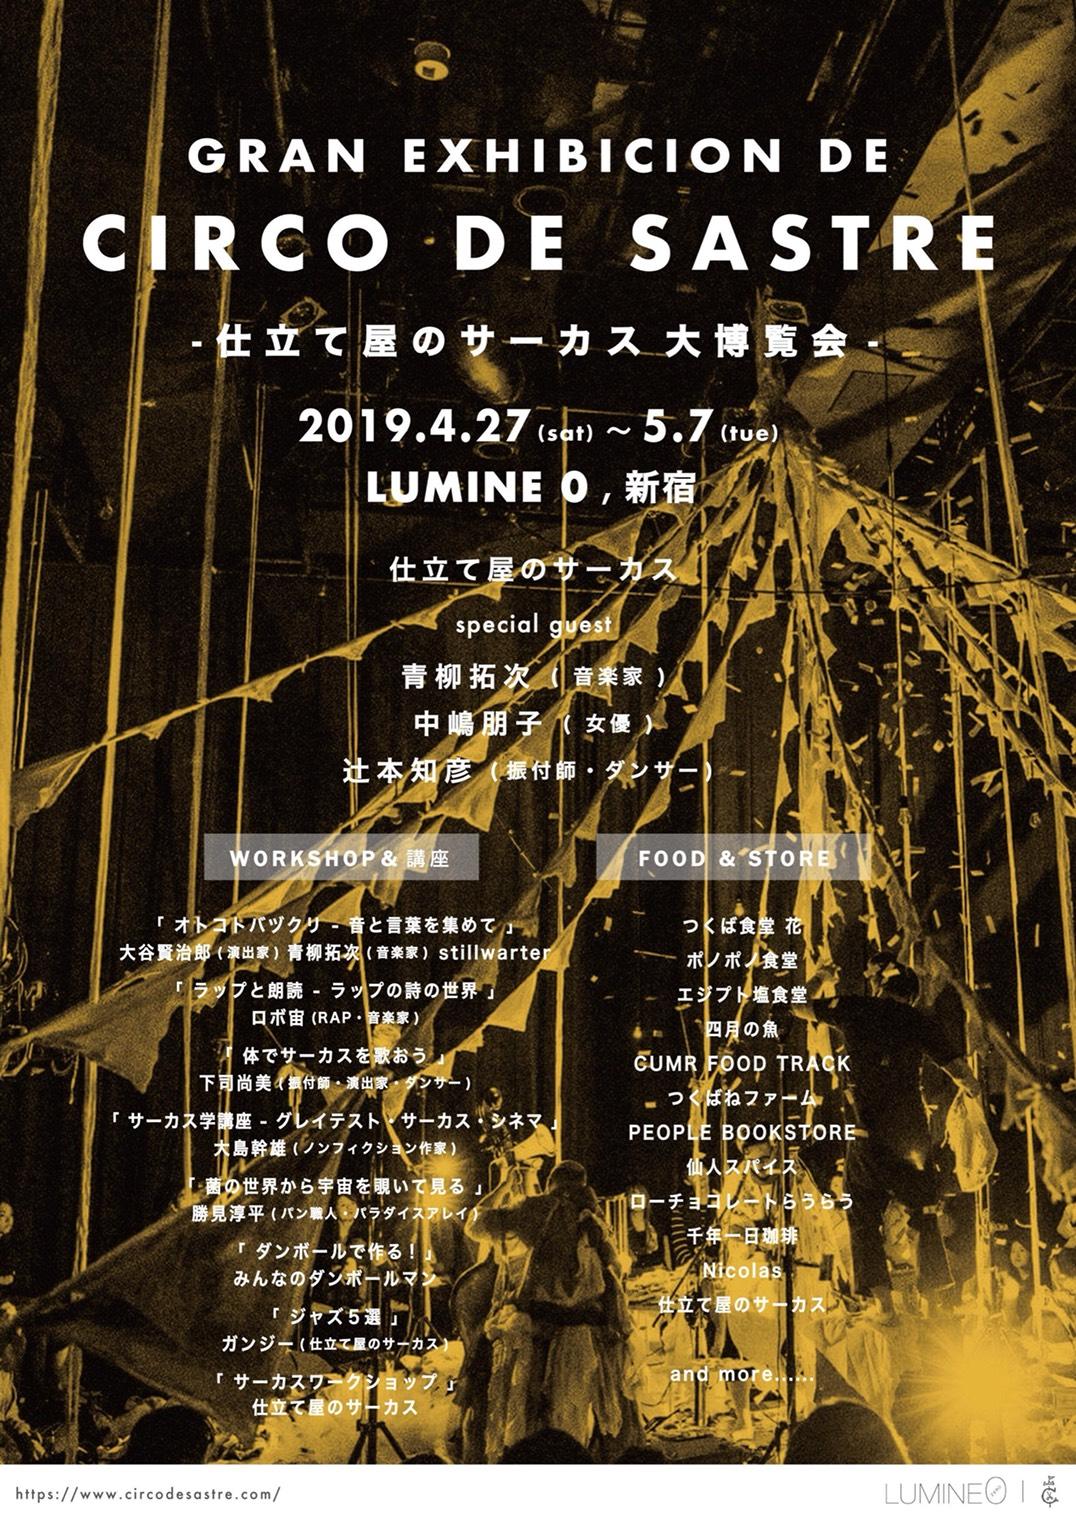 仕立て屋のサーカス大博覧会 - Gran Exhibición de Circo de Sastre・4/28(日) ゲスト:青柳拓次 ( 音楽家 )